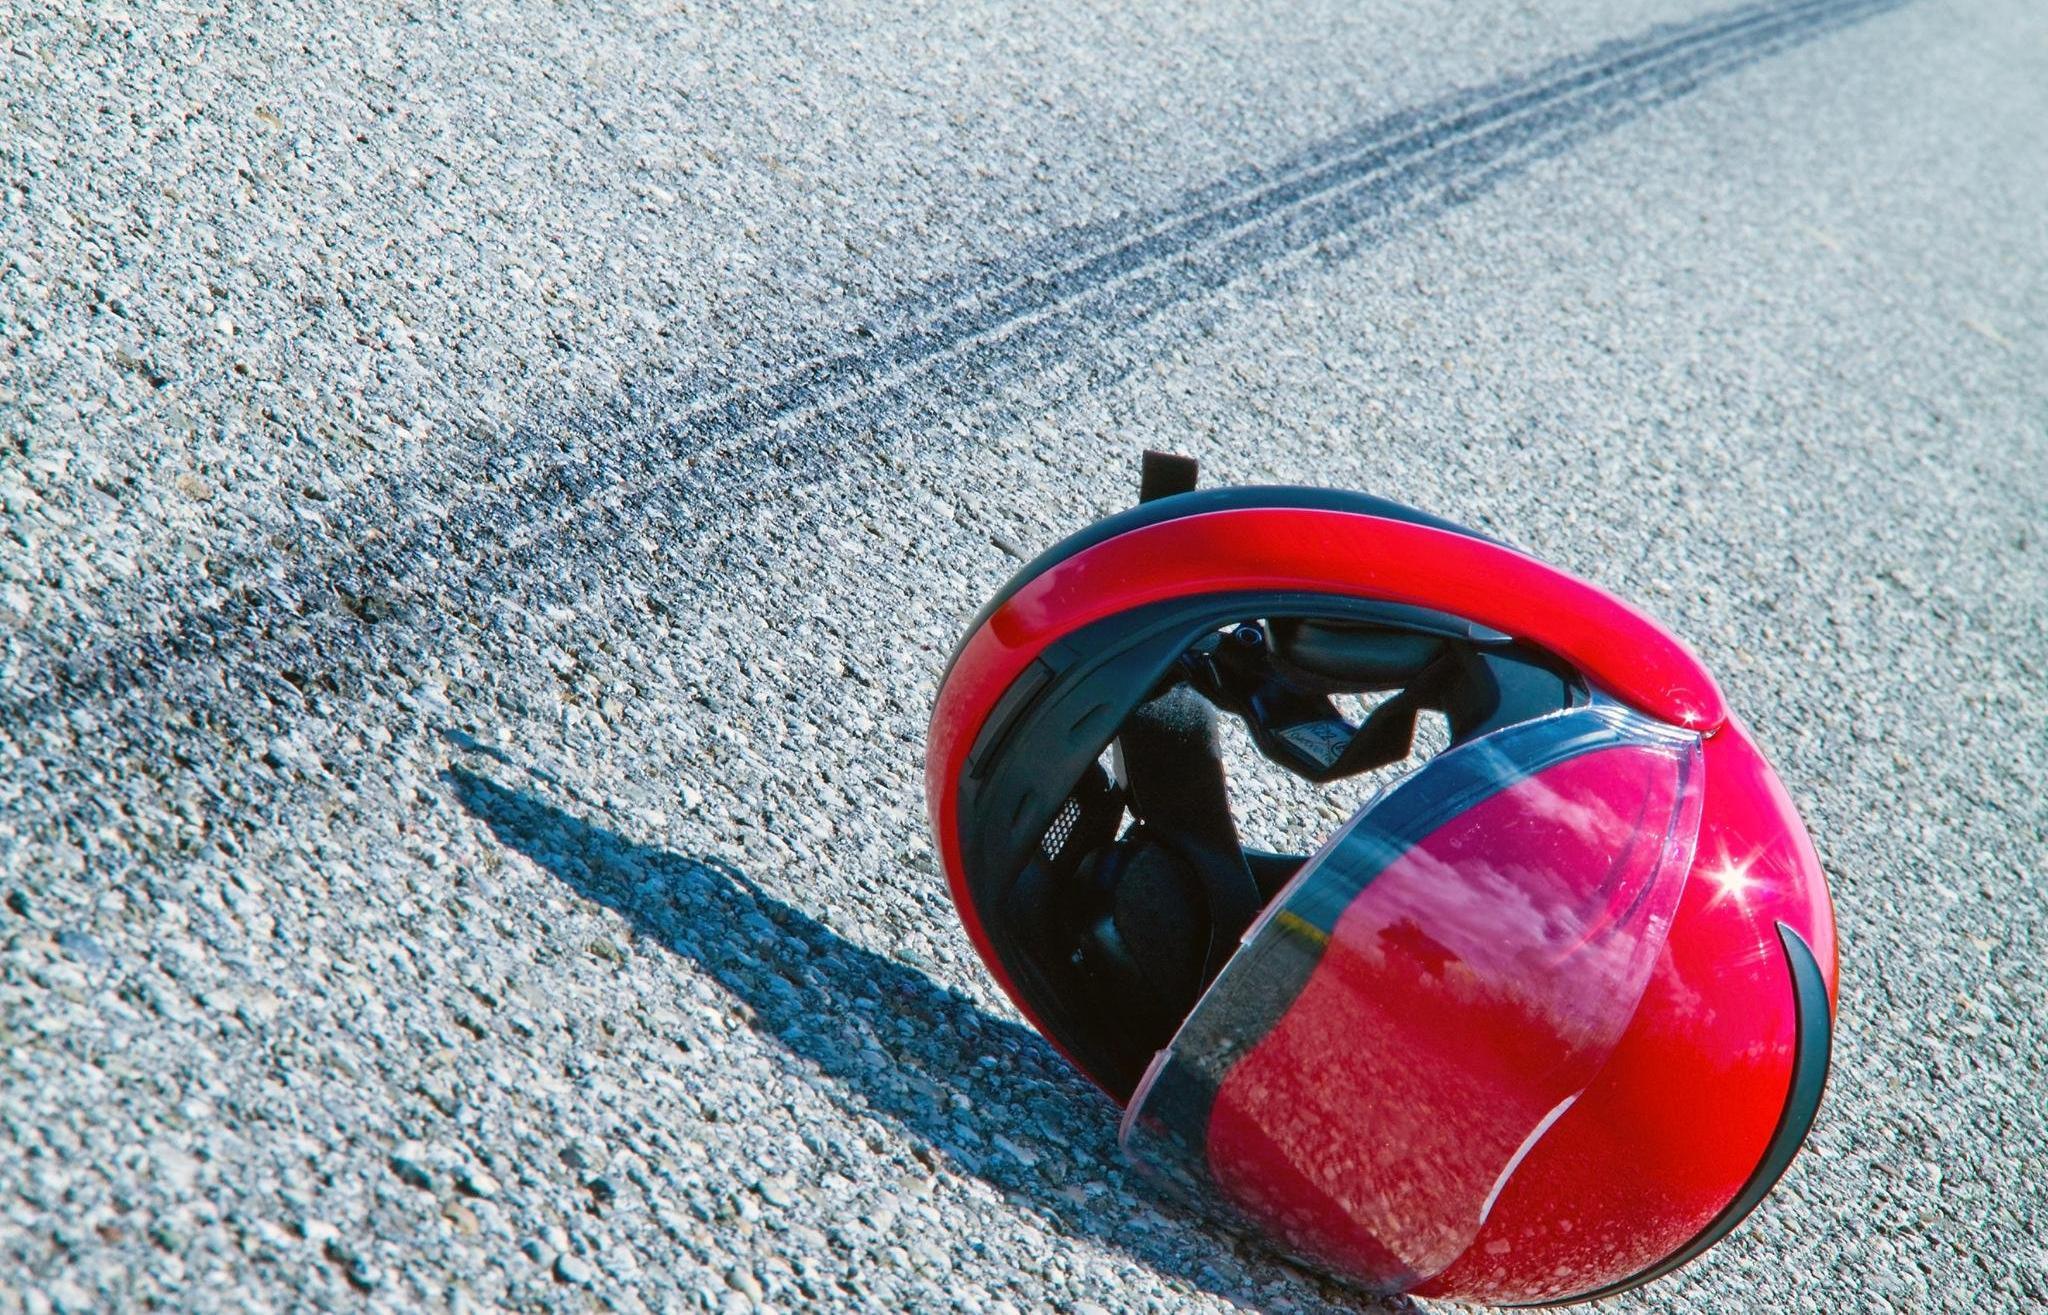 УГИБДД уточнило подробности ДТП в Ржеве: мопед опрокинулся после того, как сбил 10-летнего пешехода - новости Афанасий